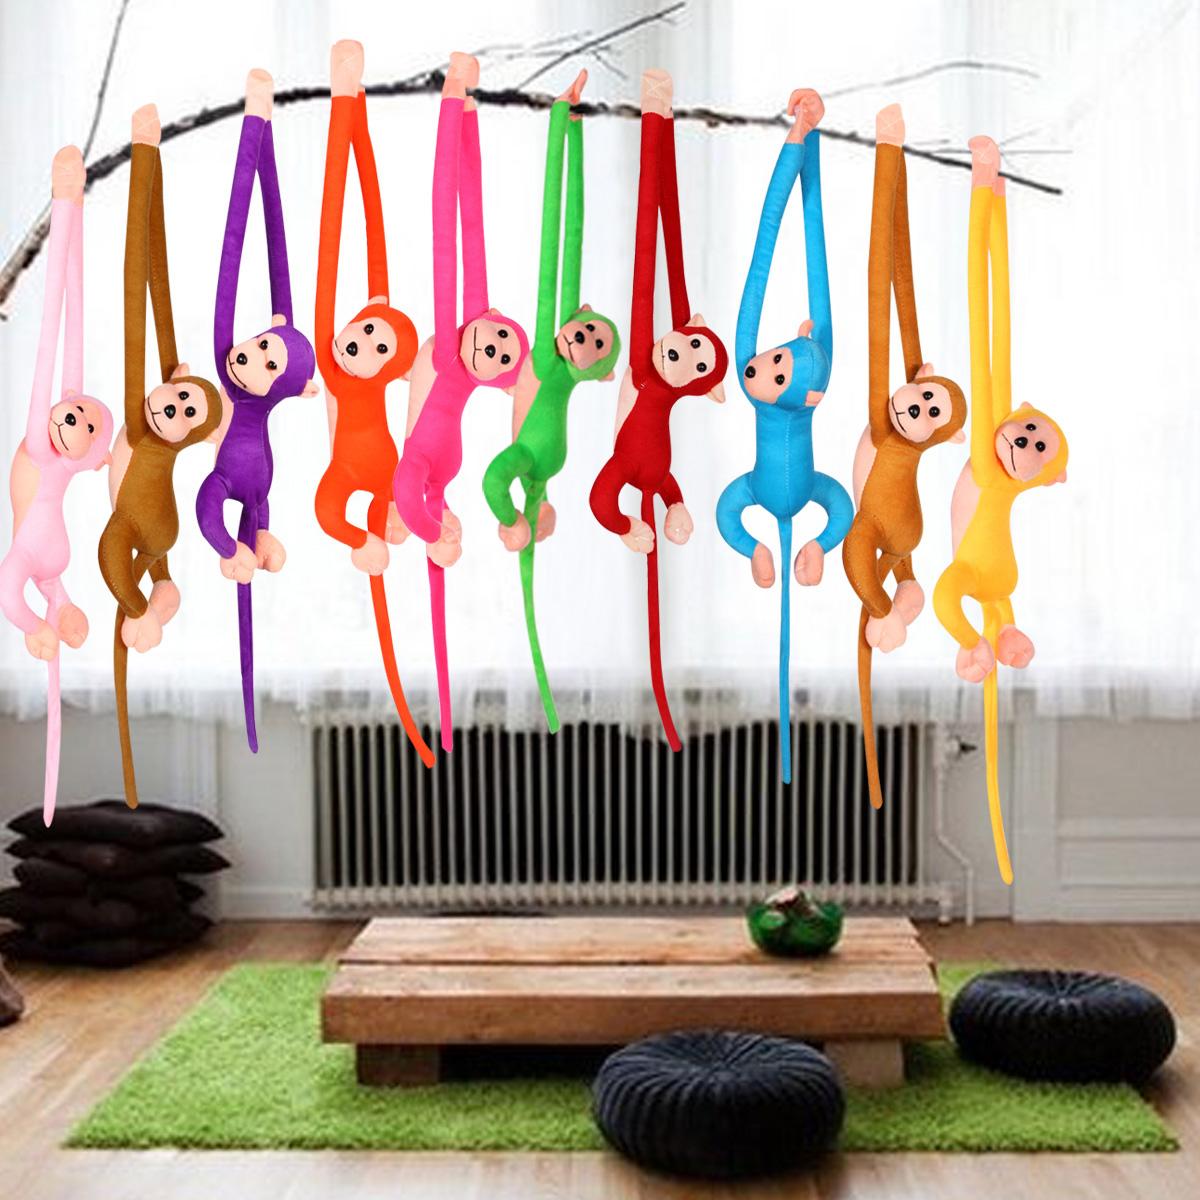 1pcs 70cm Long Arm Monkey Tail Monkey Plush Toys Curtains Stuffed Monkey Animal Dolls for Girls(China (Mainland))